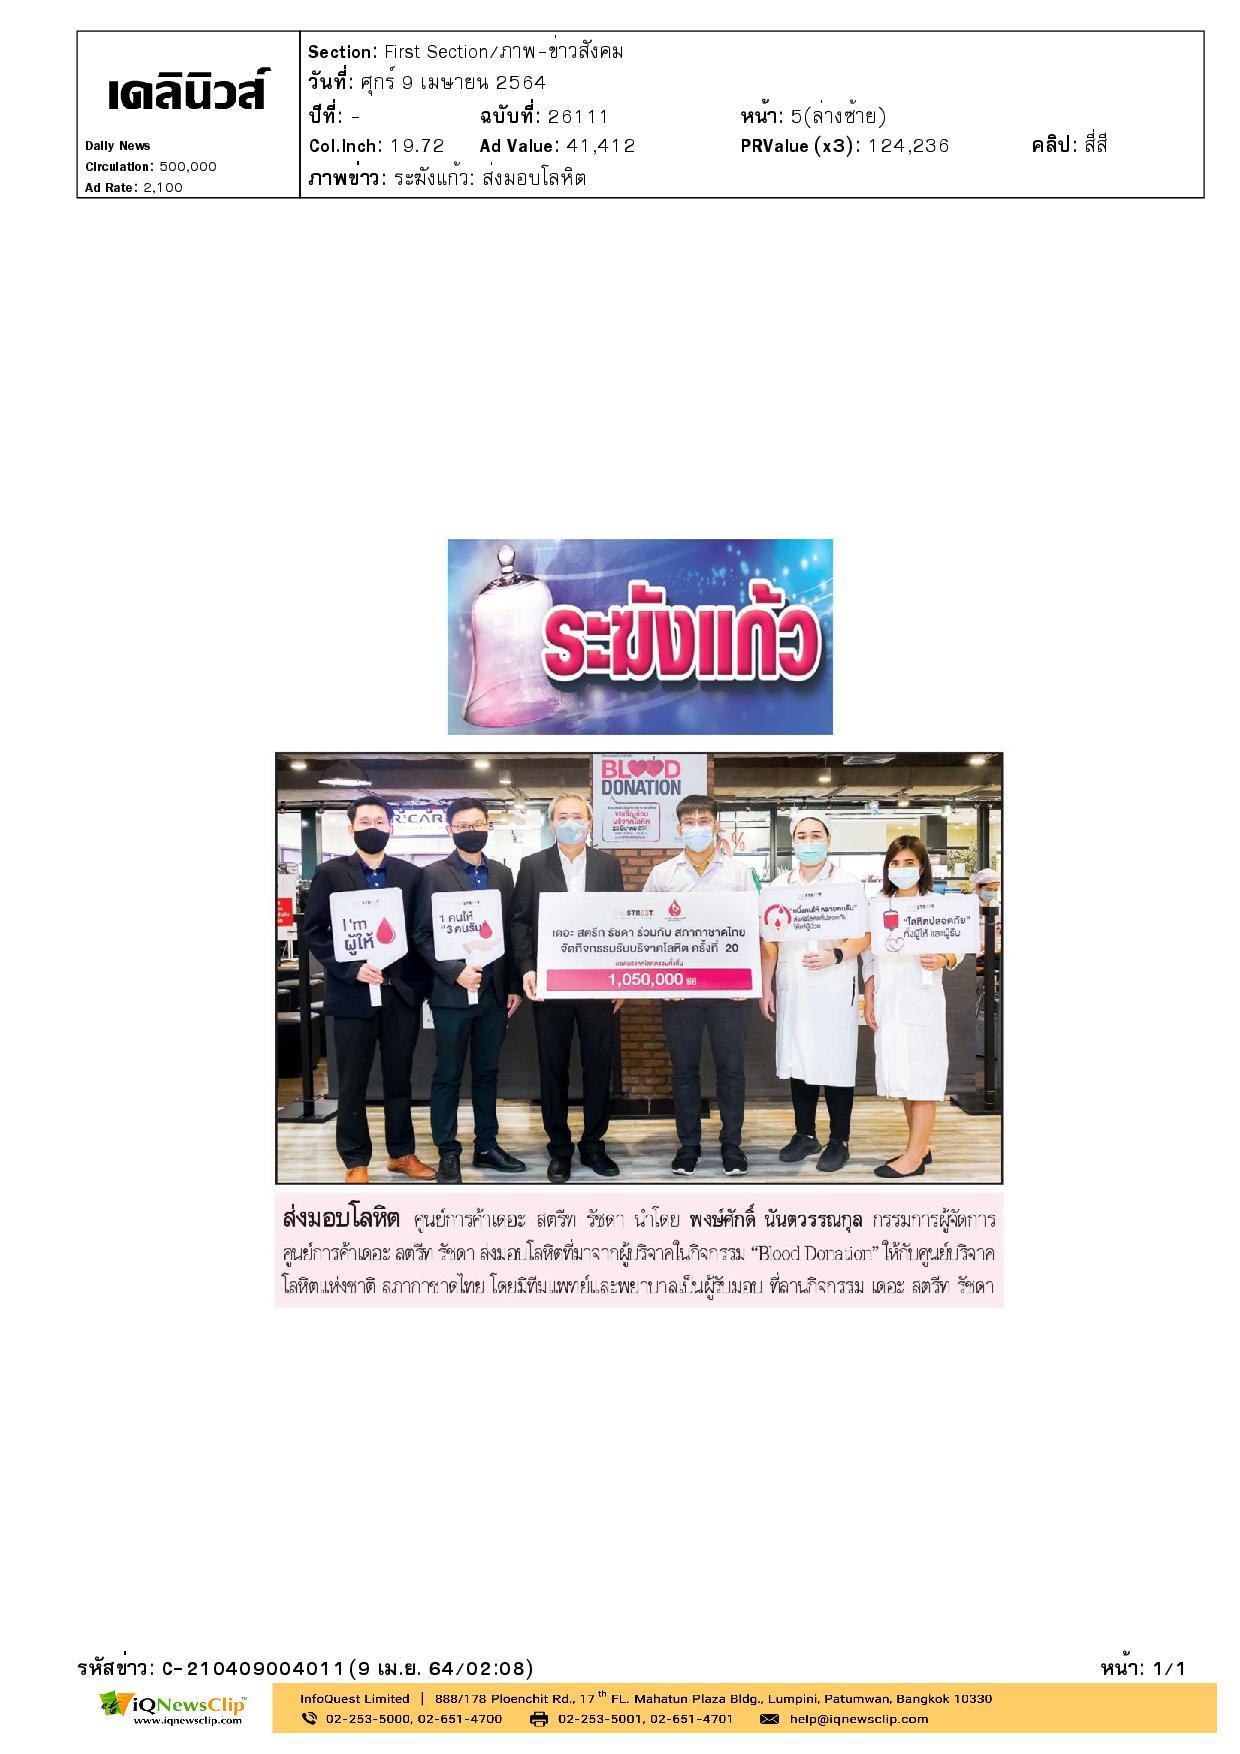 """สภากาชาดไทย จัดกิจกรรม """"Blood Donation"""" ครั้งที่ 20 เชิญชวนร่วมบริจาคโลหิต"""